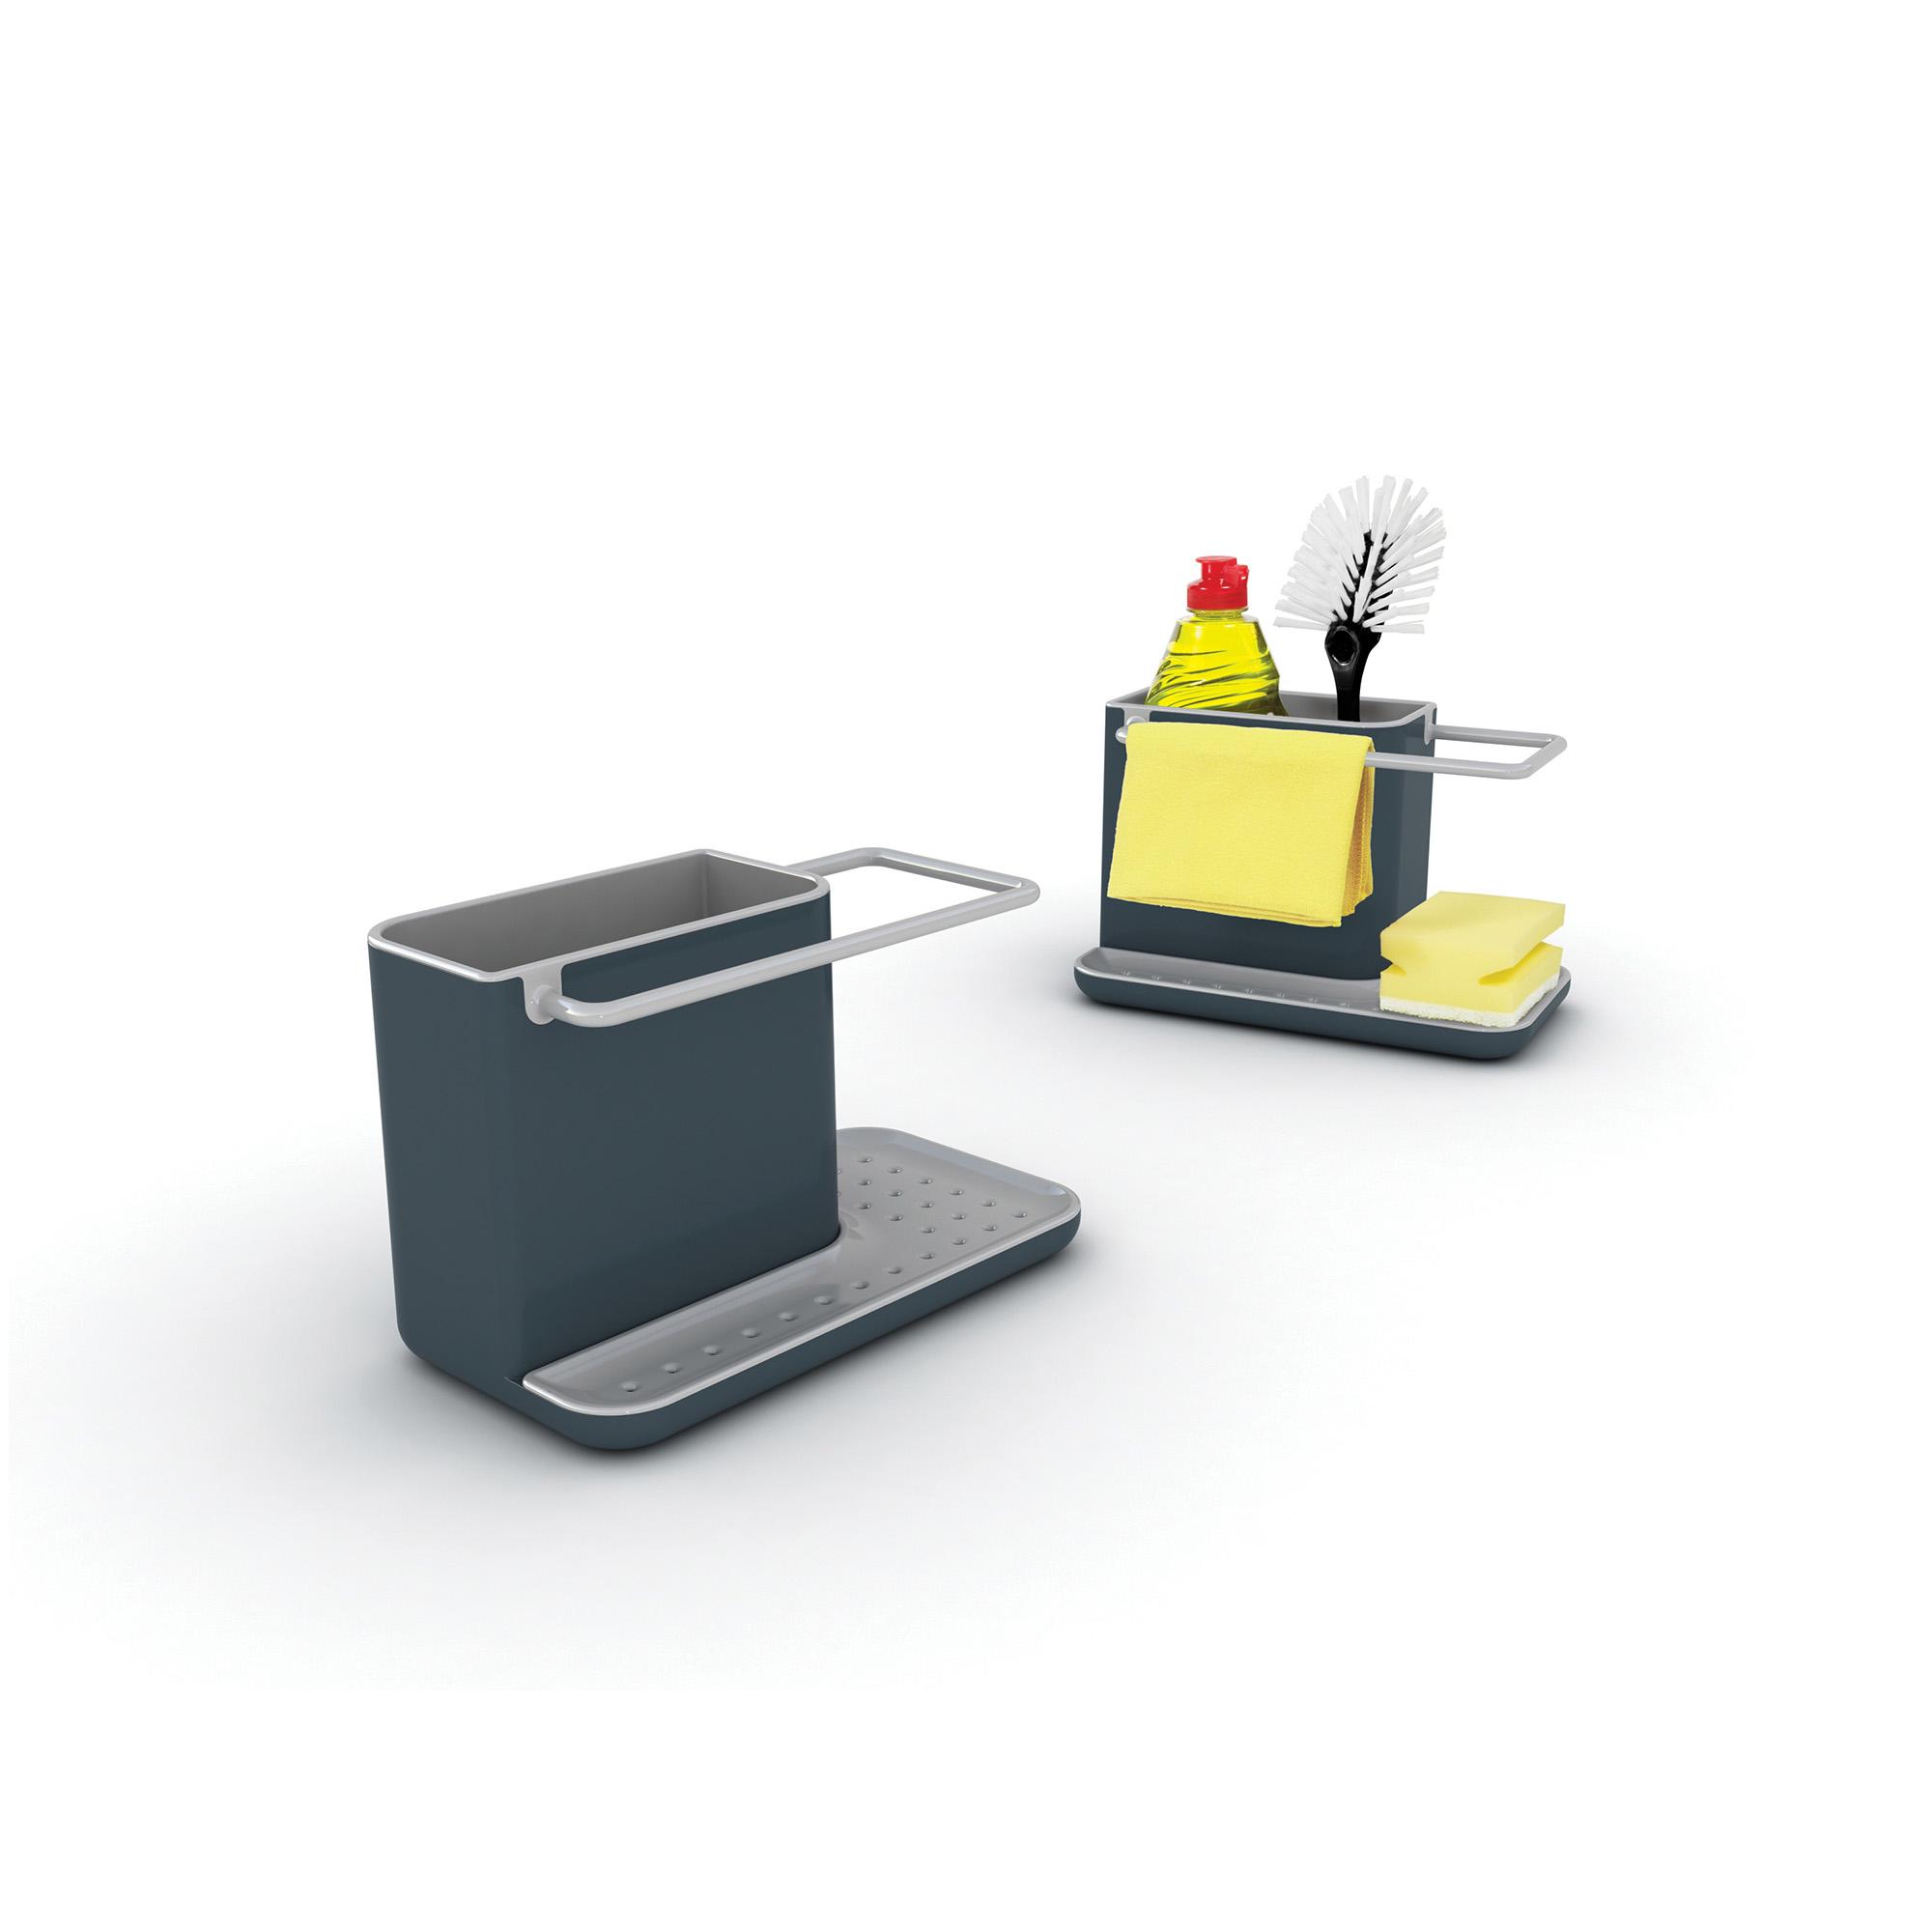 Caddy Sink Organisers Grey/Grey